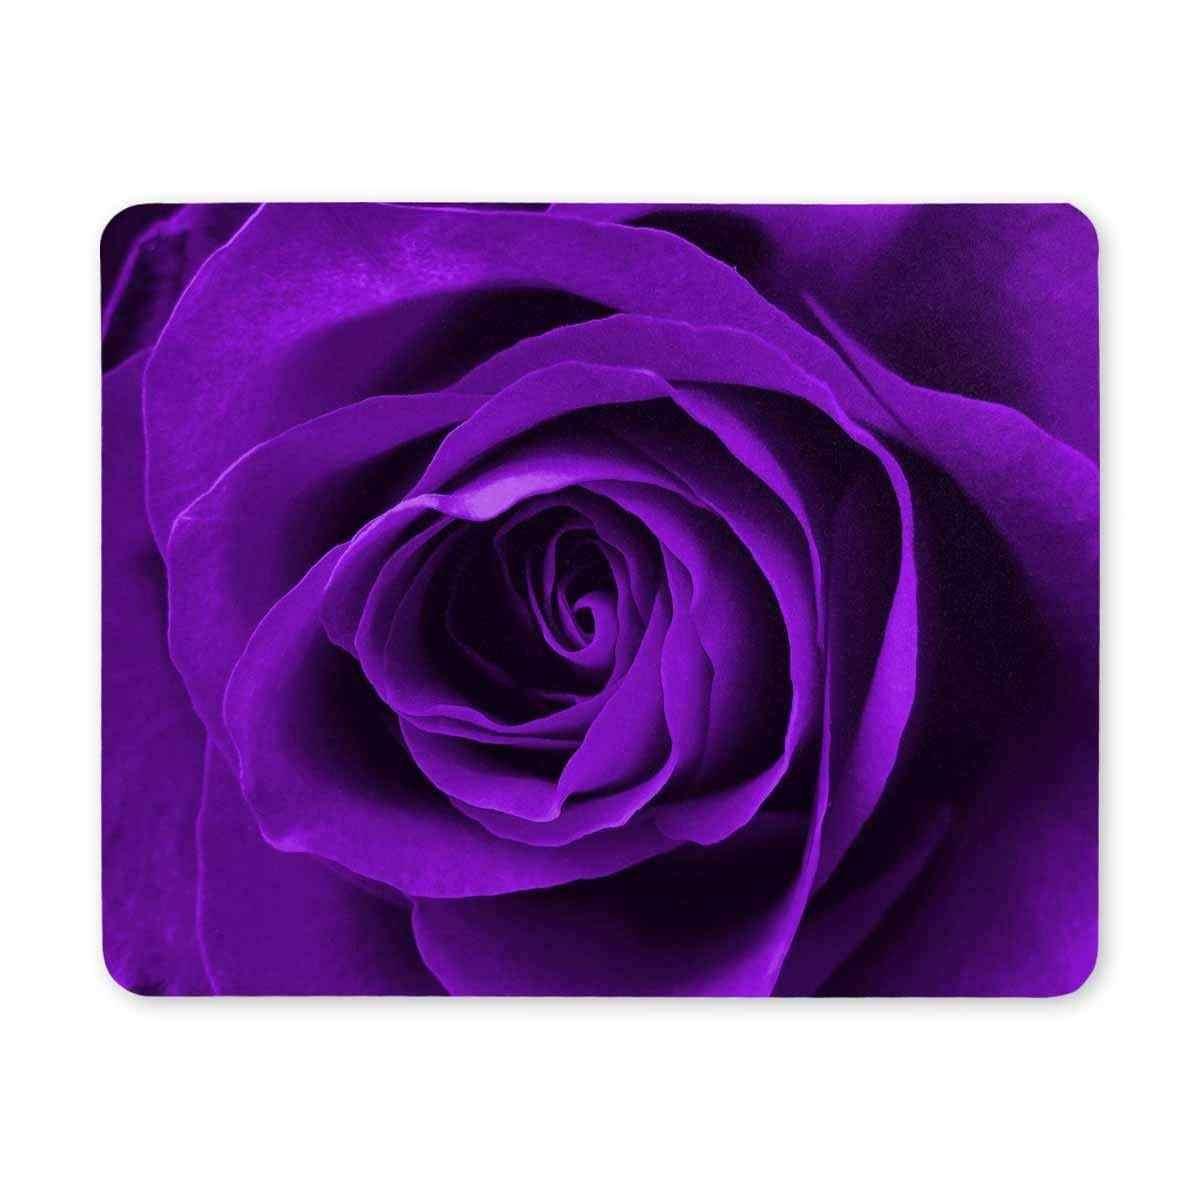 """Игровой коврик для мыши Close up фиолетовый розовый коврик для мыши 9,84 """"x 7,87"""""""